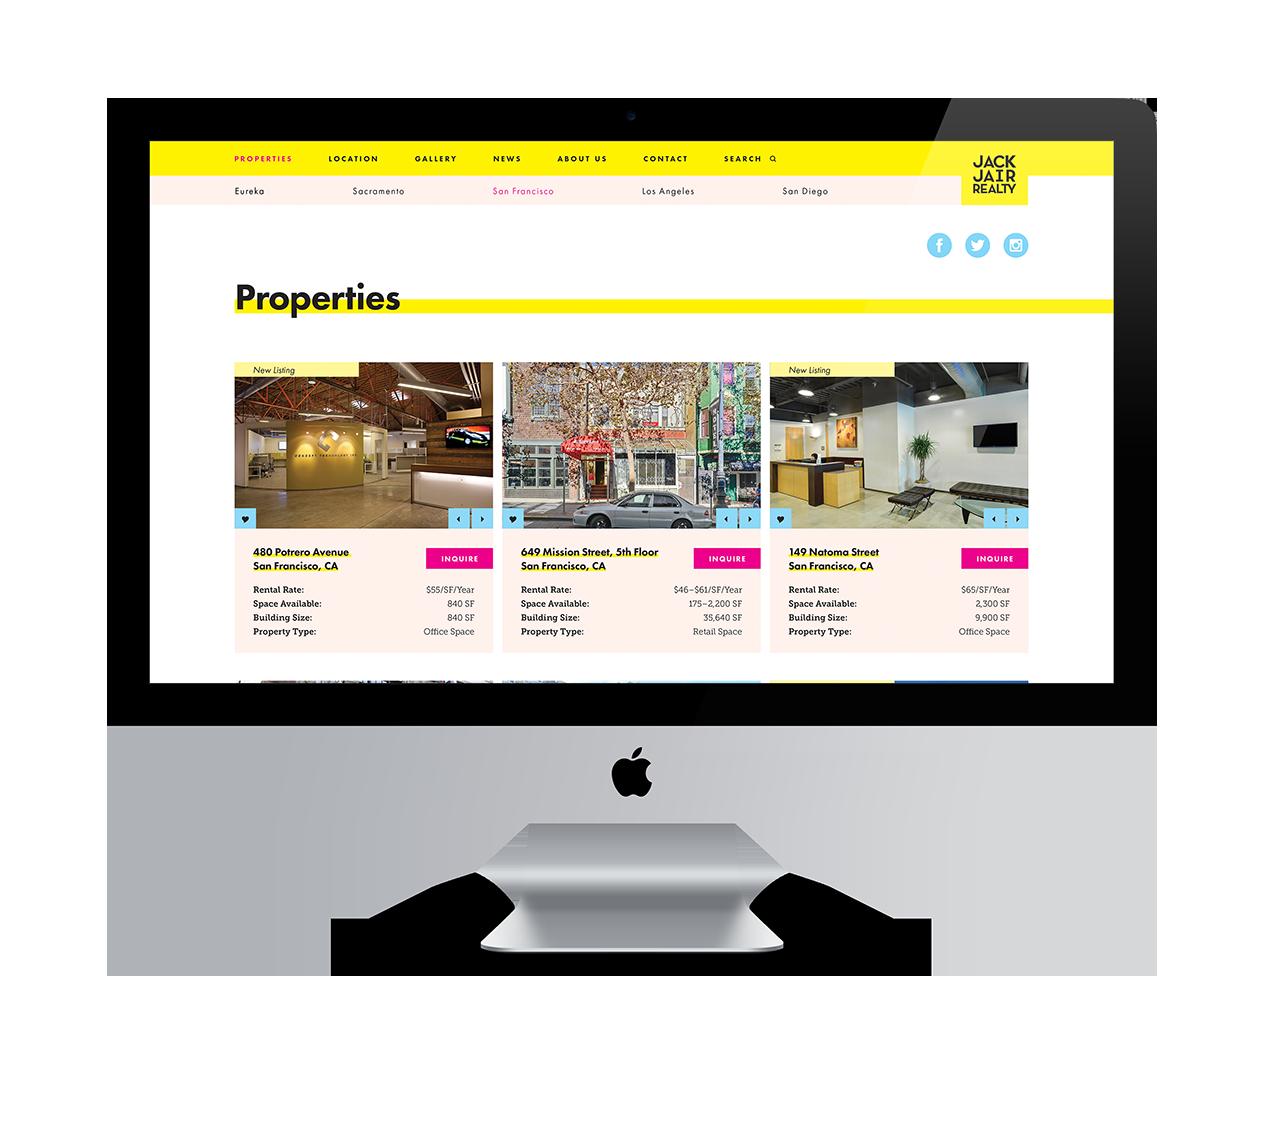 web_JackJair_Properties.png